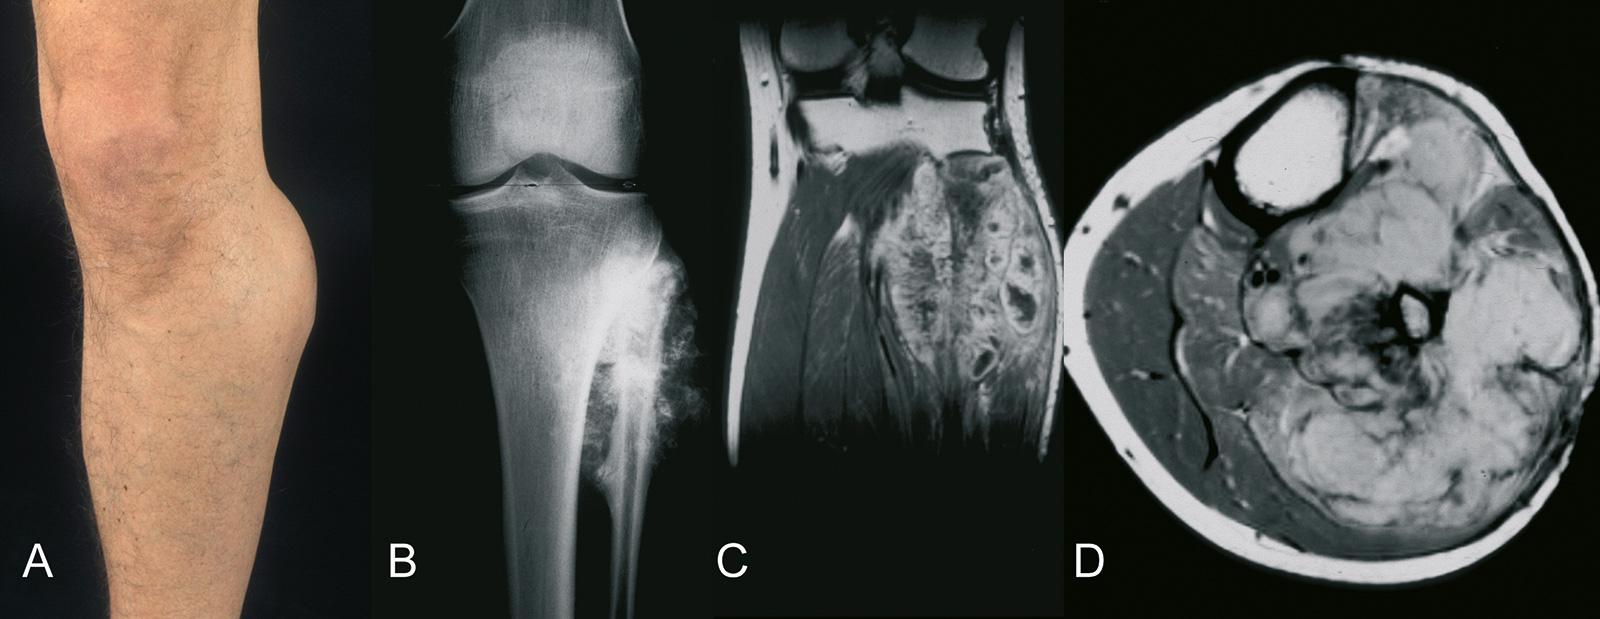 Abb. 8-74: Osteosarkom der proximalen Fibula: klinisches Bild (A), natives Röntgenbild (B), MRT-Bildgebung (C,D) (Eigentum des Instituts für Klinische Radiologie der Universität Münster)